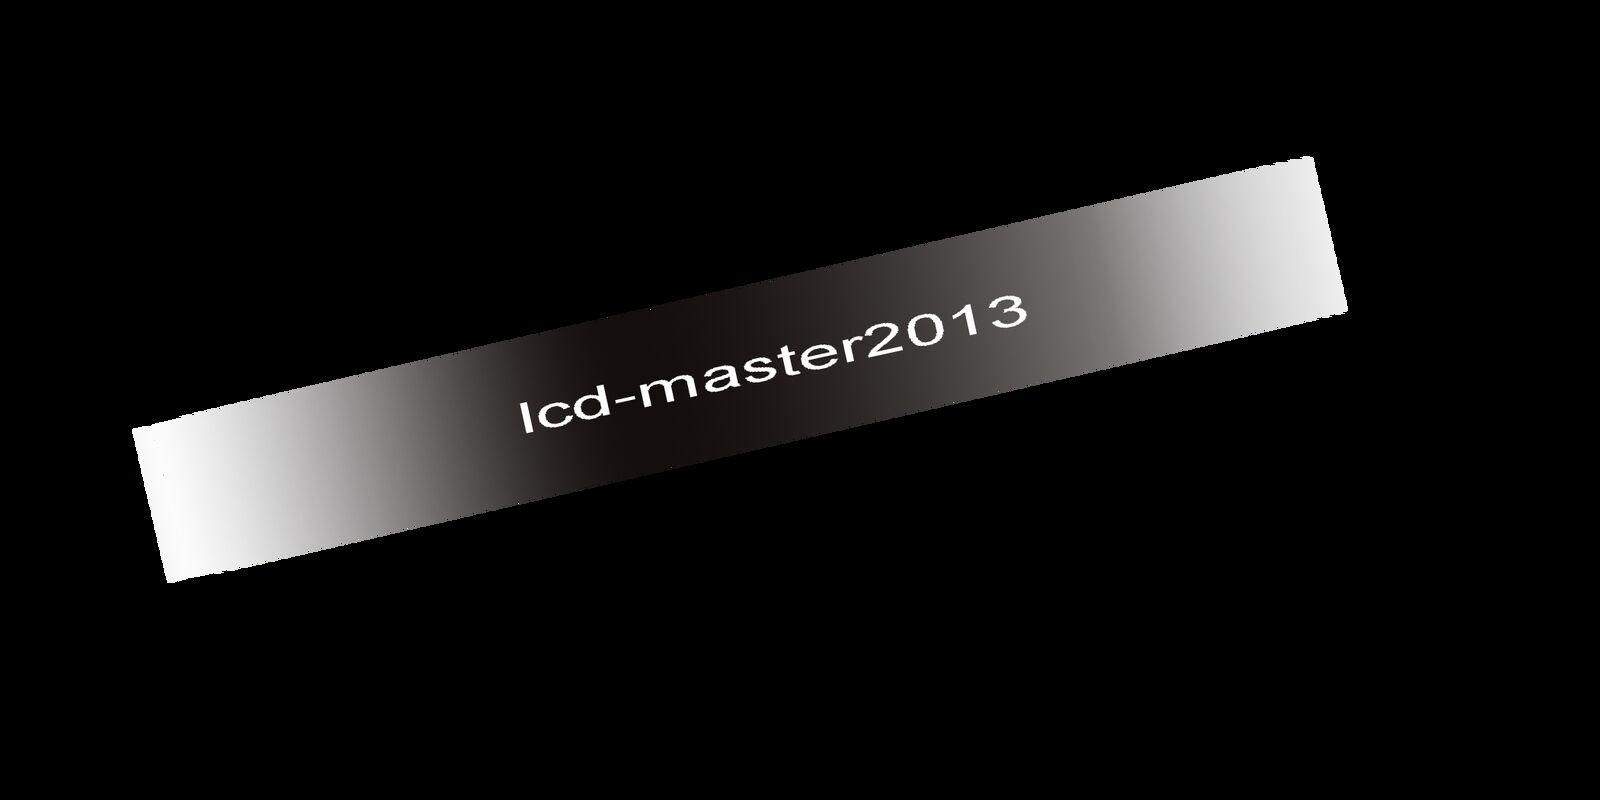 lcd-parts master